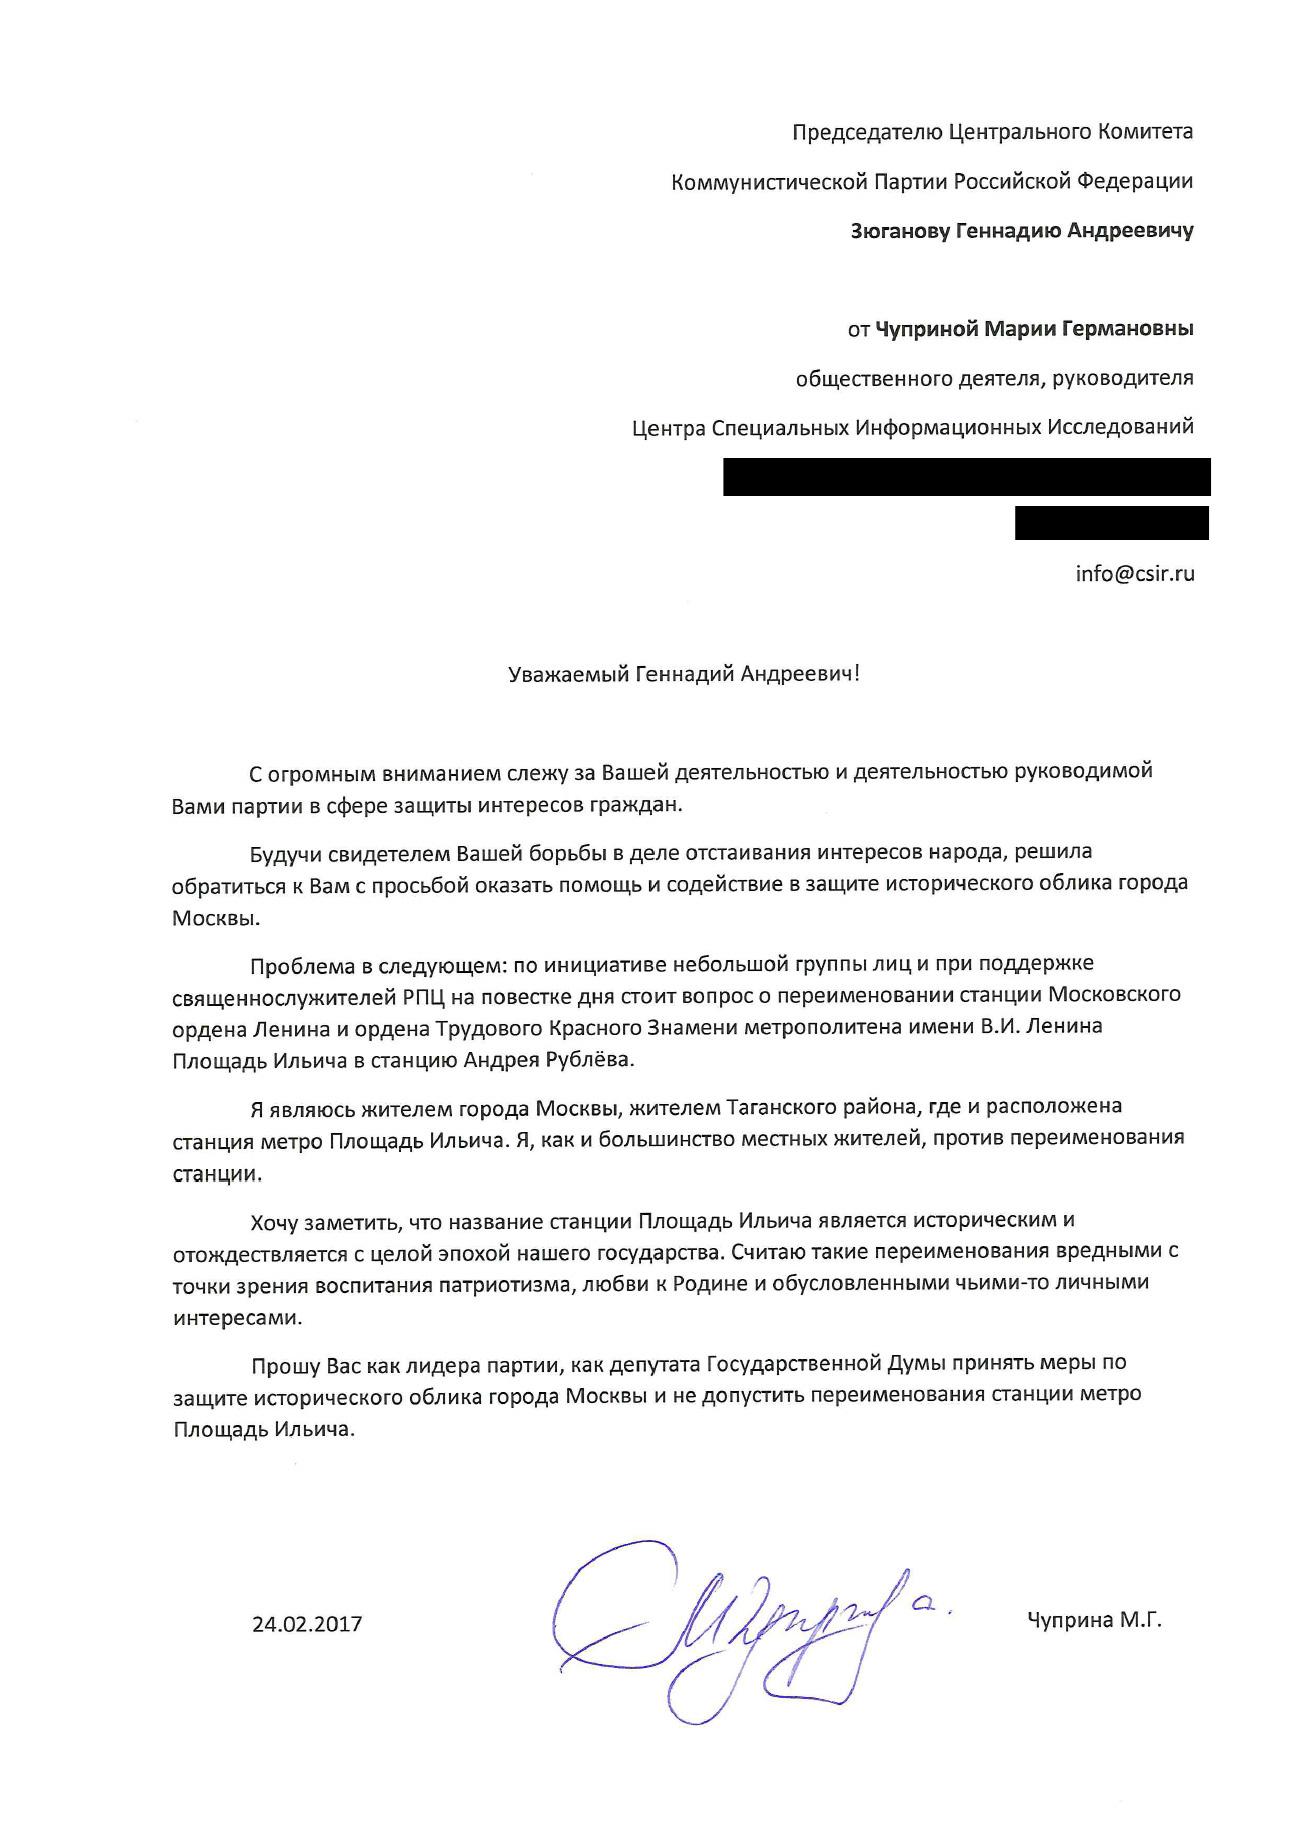 Обращение к Зюганову Г. А.